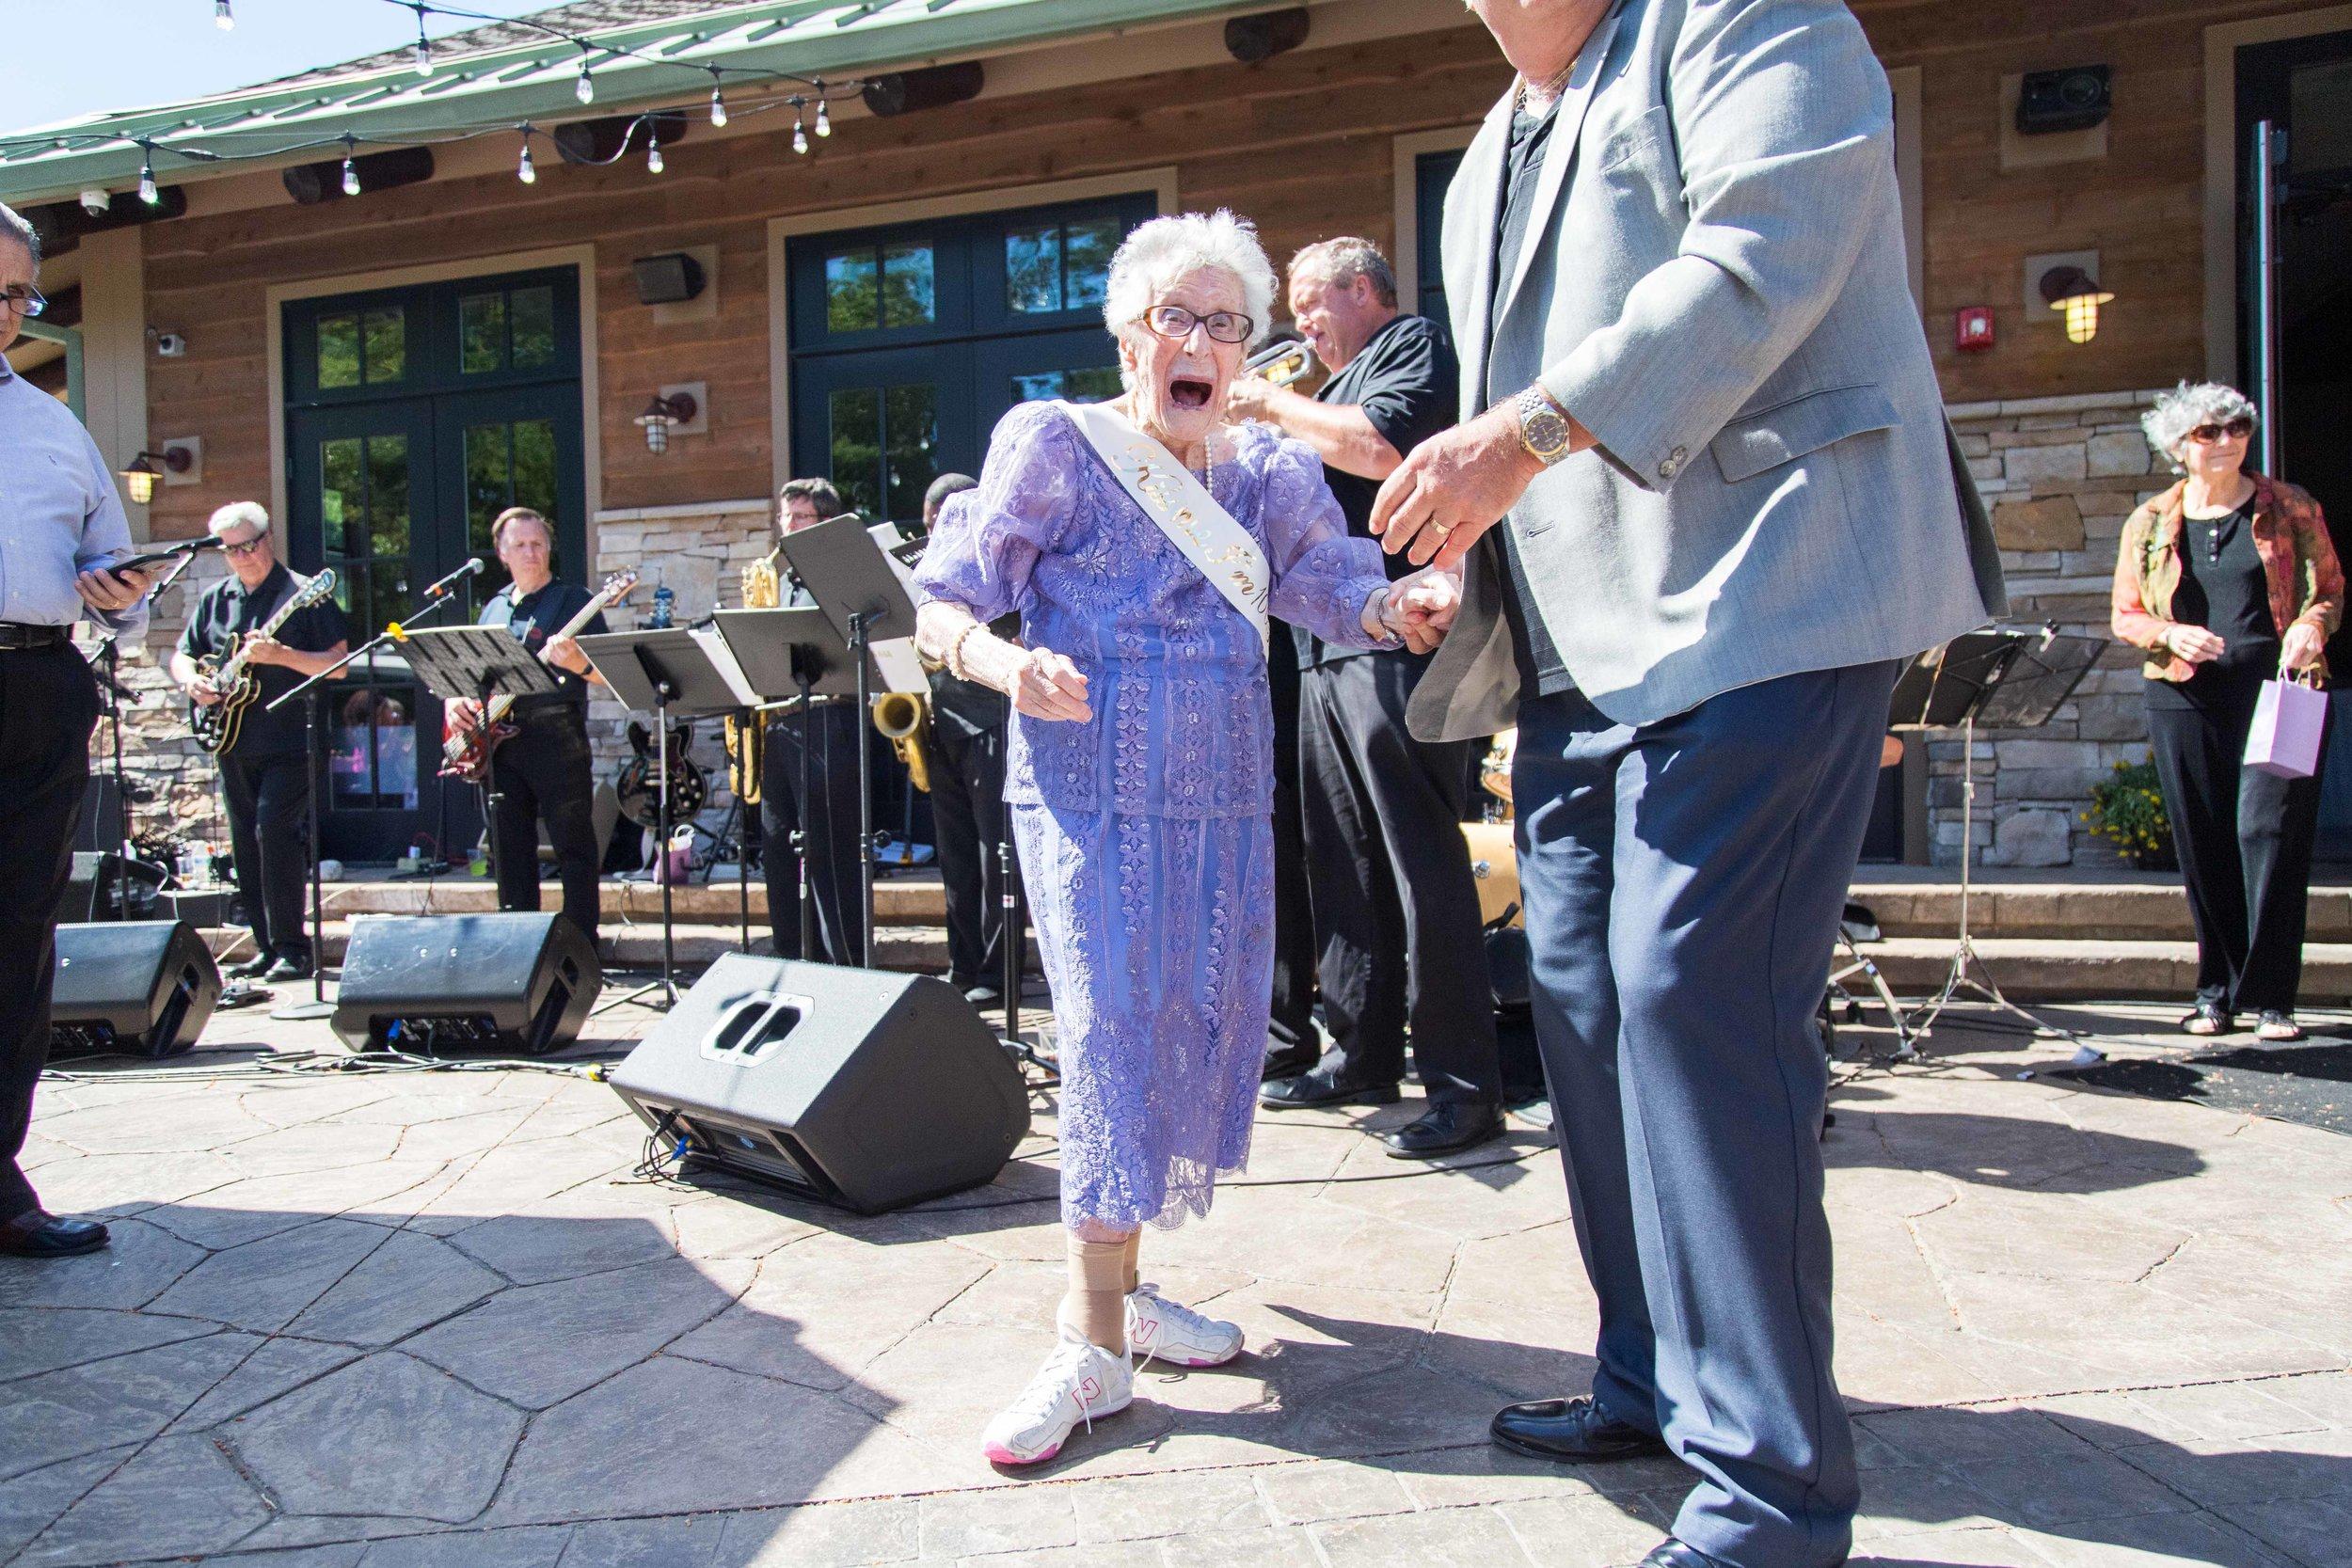 McLoones Boathouse West Orange NJ 100th Birthday Party Event Photos-28.jpg